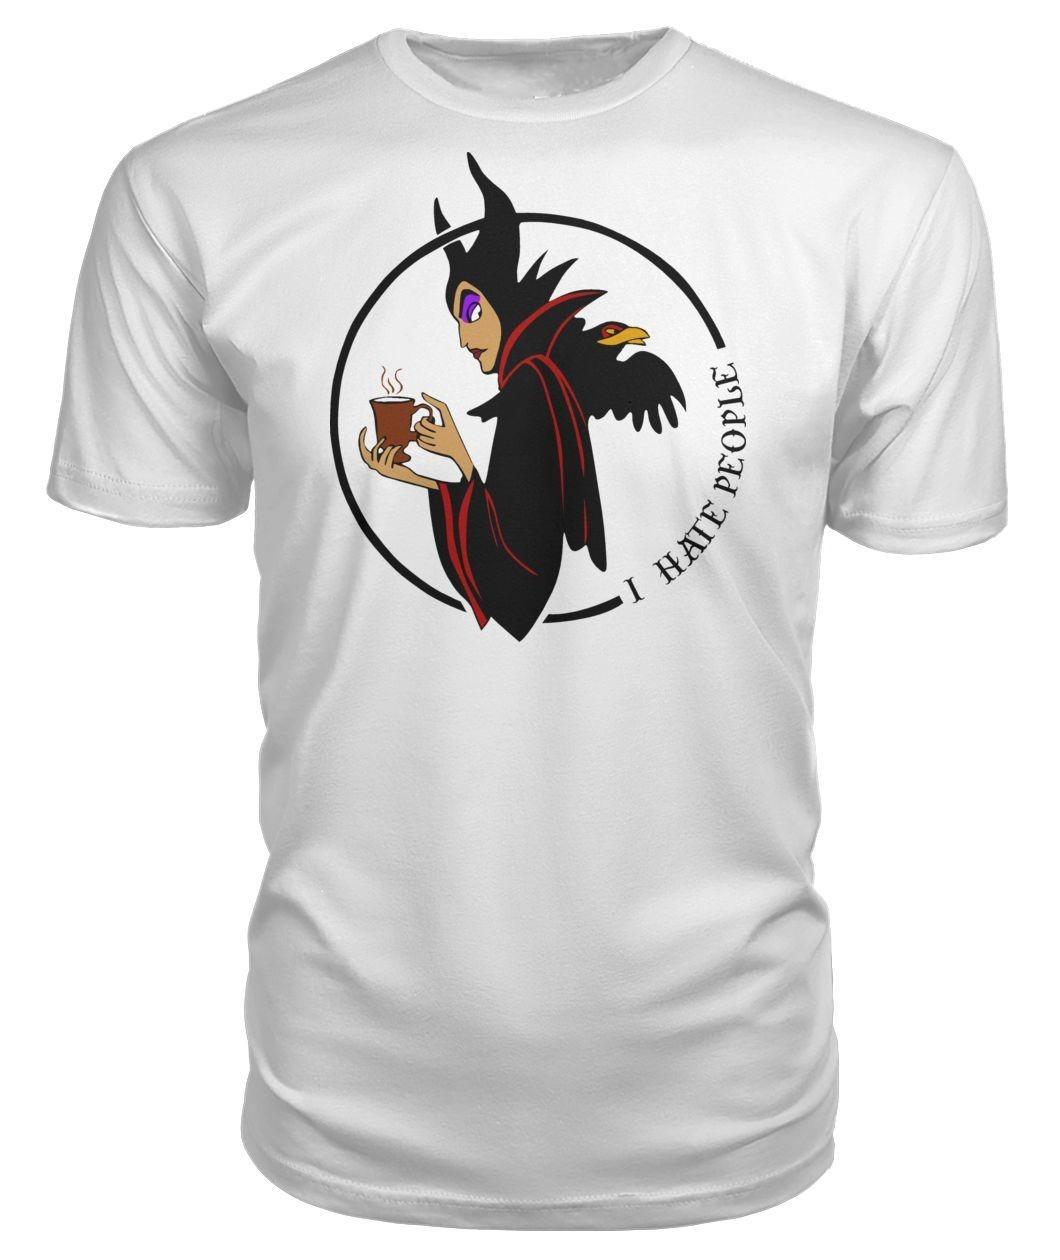 Maleficent I hate people Ladies Tee